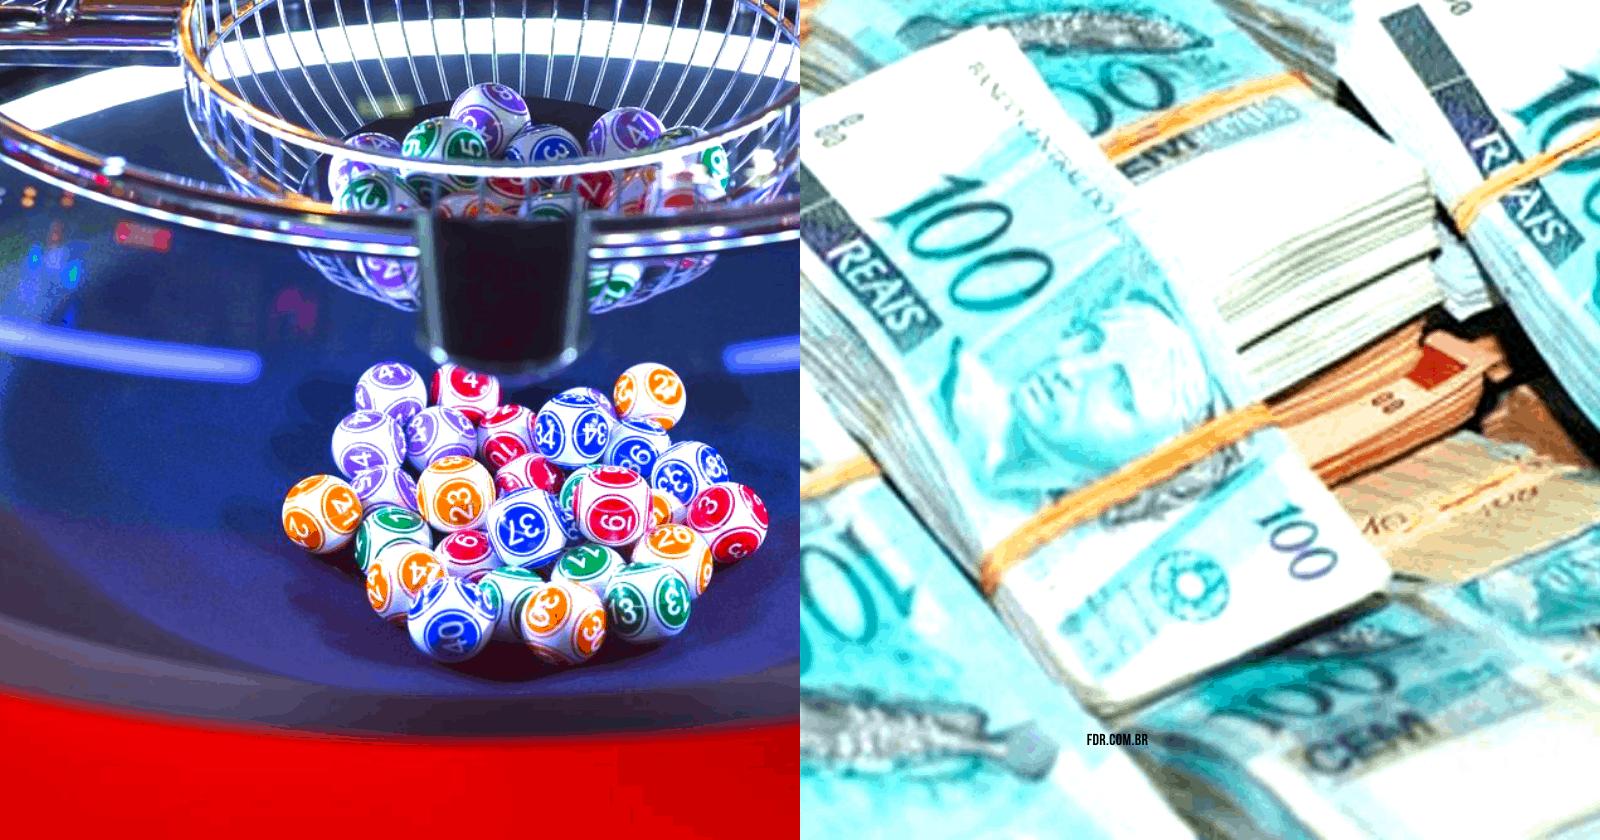 Lotofácil 2171: Todas as dezenas sorteadas no prêmio de R$7.000.000